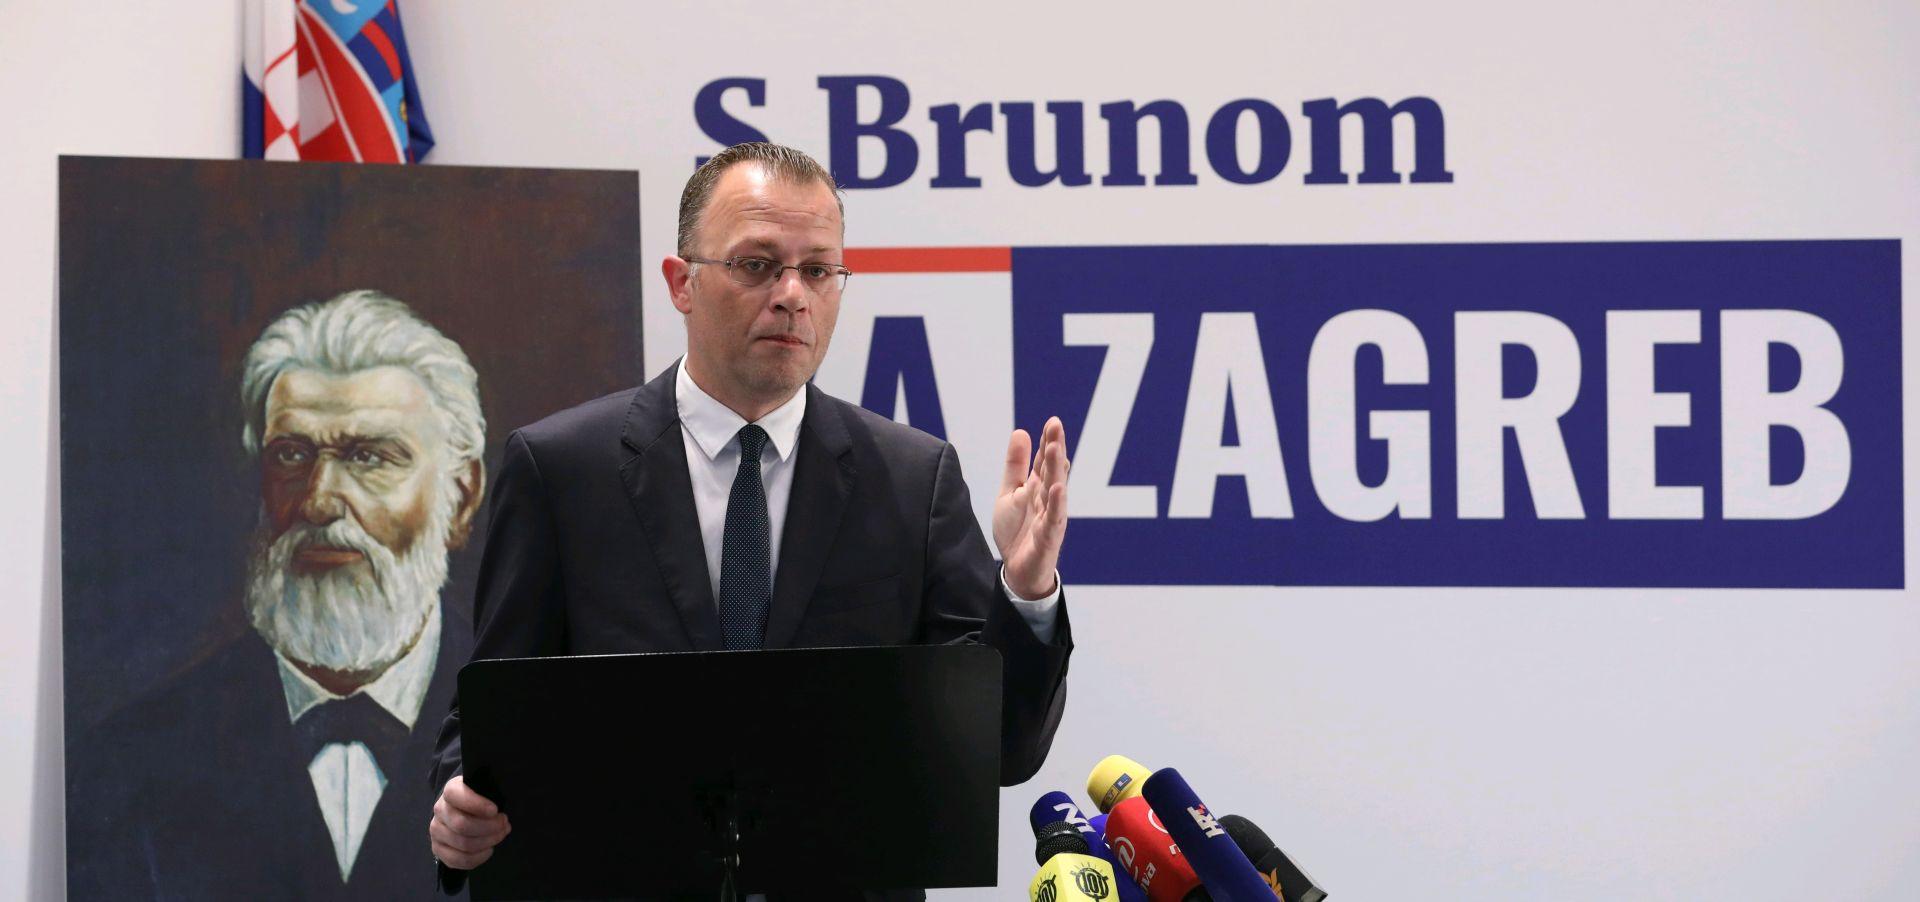 HASANBEGOVIĆ 'Predsjednik stranke je na svoju ruku i bez ikakvih konzultacija sa stranačkim tijelima odlučio je ugroziti našu vladu'